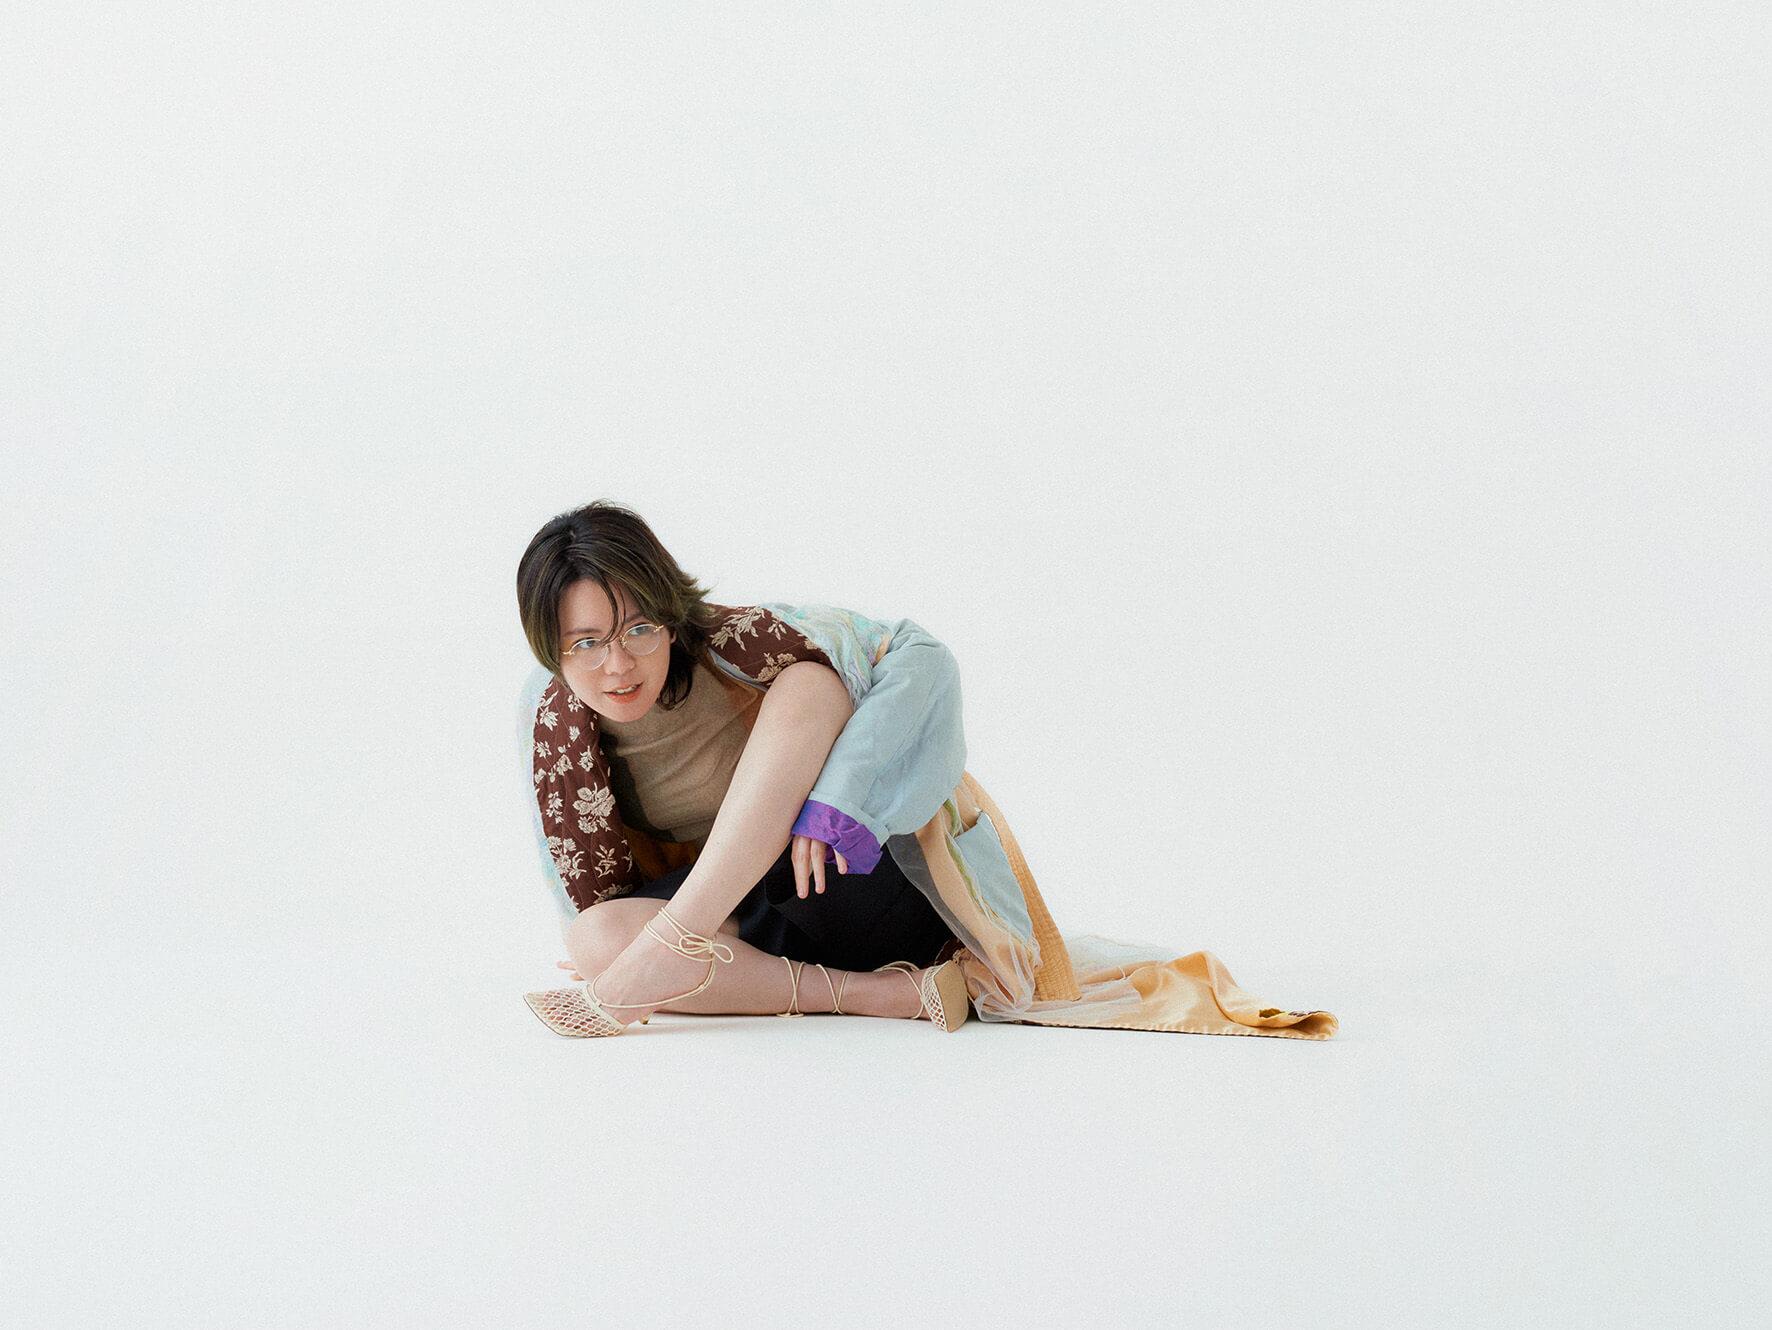 映画『竜とそばかすの姫』で注目中の中村佳穂。自身初となる全国ツアー開催!